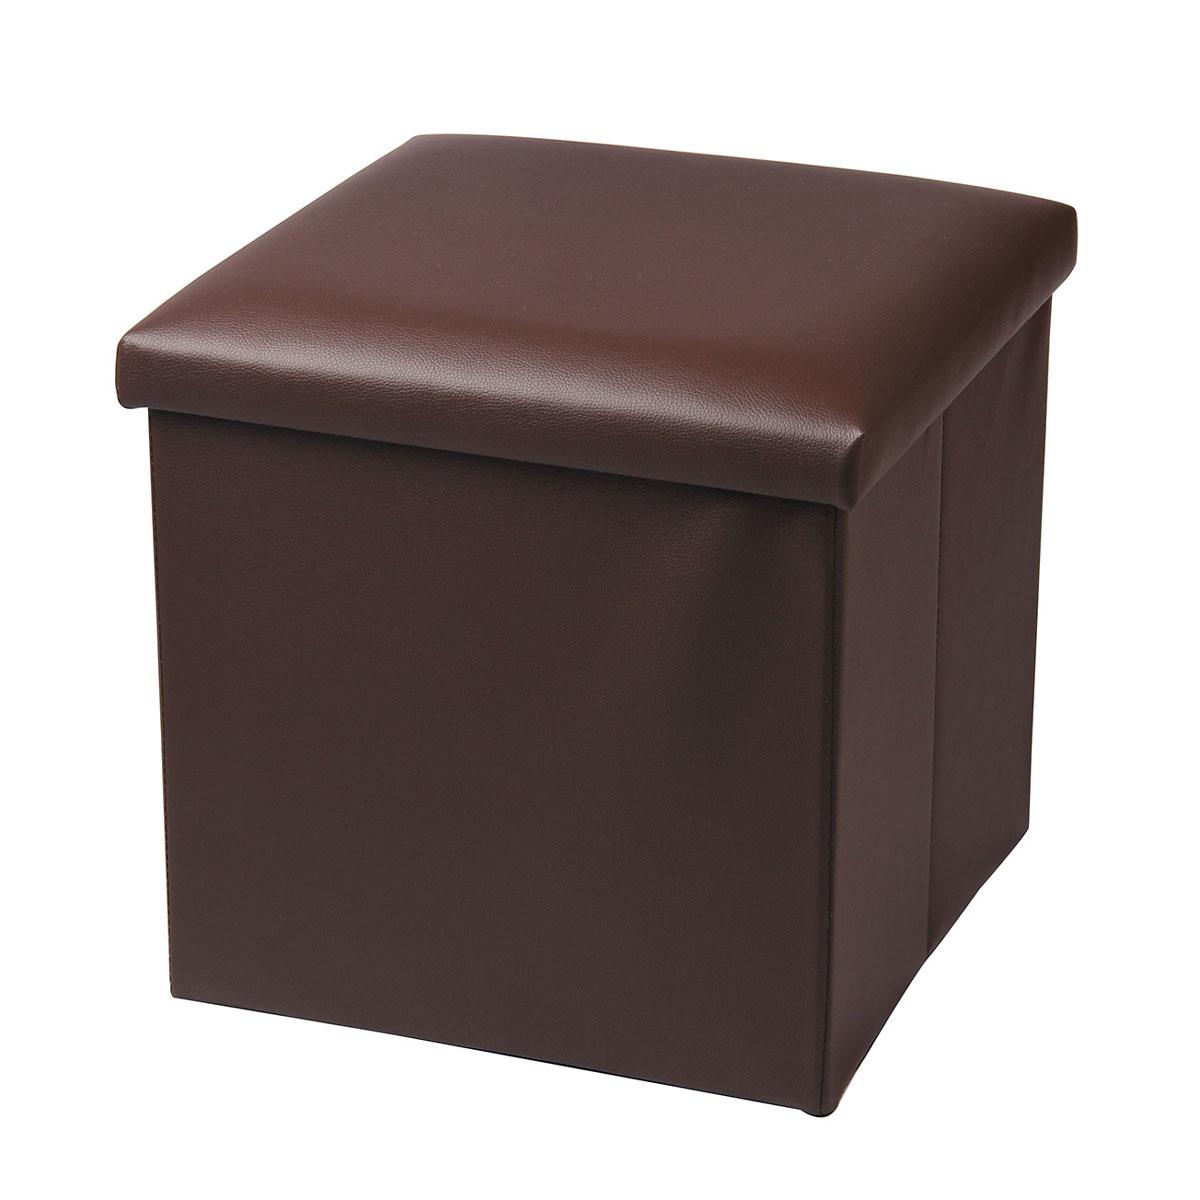 Пуф-короб для хранения Miolla, цвет: коричневый, 38 х 38 х 38 смPSS-LM2Пуф-короб для хранения Miolla - удобный, компактный и стильный предмет интерьера. Изделие отличает актуальный дизайн и многофункциональность. На пуфе комфортно сидеть - он выдерживает вес до 100 кг. Верхняя часть пуфа представляет собой съемную крышку, внутри можно хранить небольшие предметы домашнего обихода. Оптимальные размеры куба позволяют хранить внутри множество мелочей, которые так трудно собрать воедино в маленькие контейнеры. Пуф-короб складной, благодаря чему его удобно хранить и перевозить. Лаконичный однотонный дизайн подойдет практически к любому интерьеру.